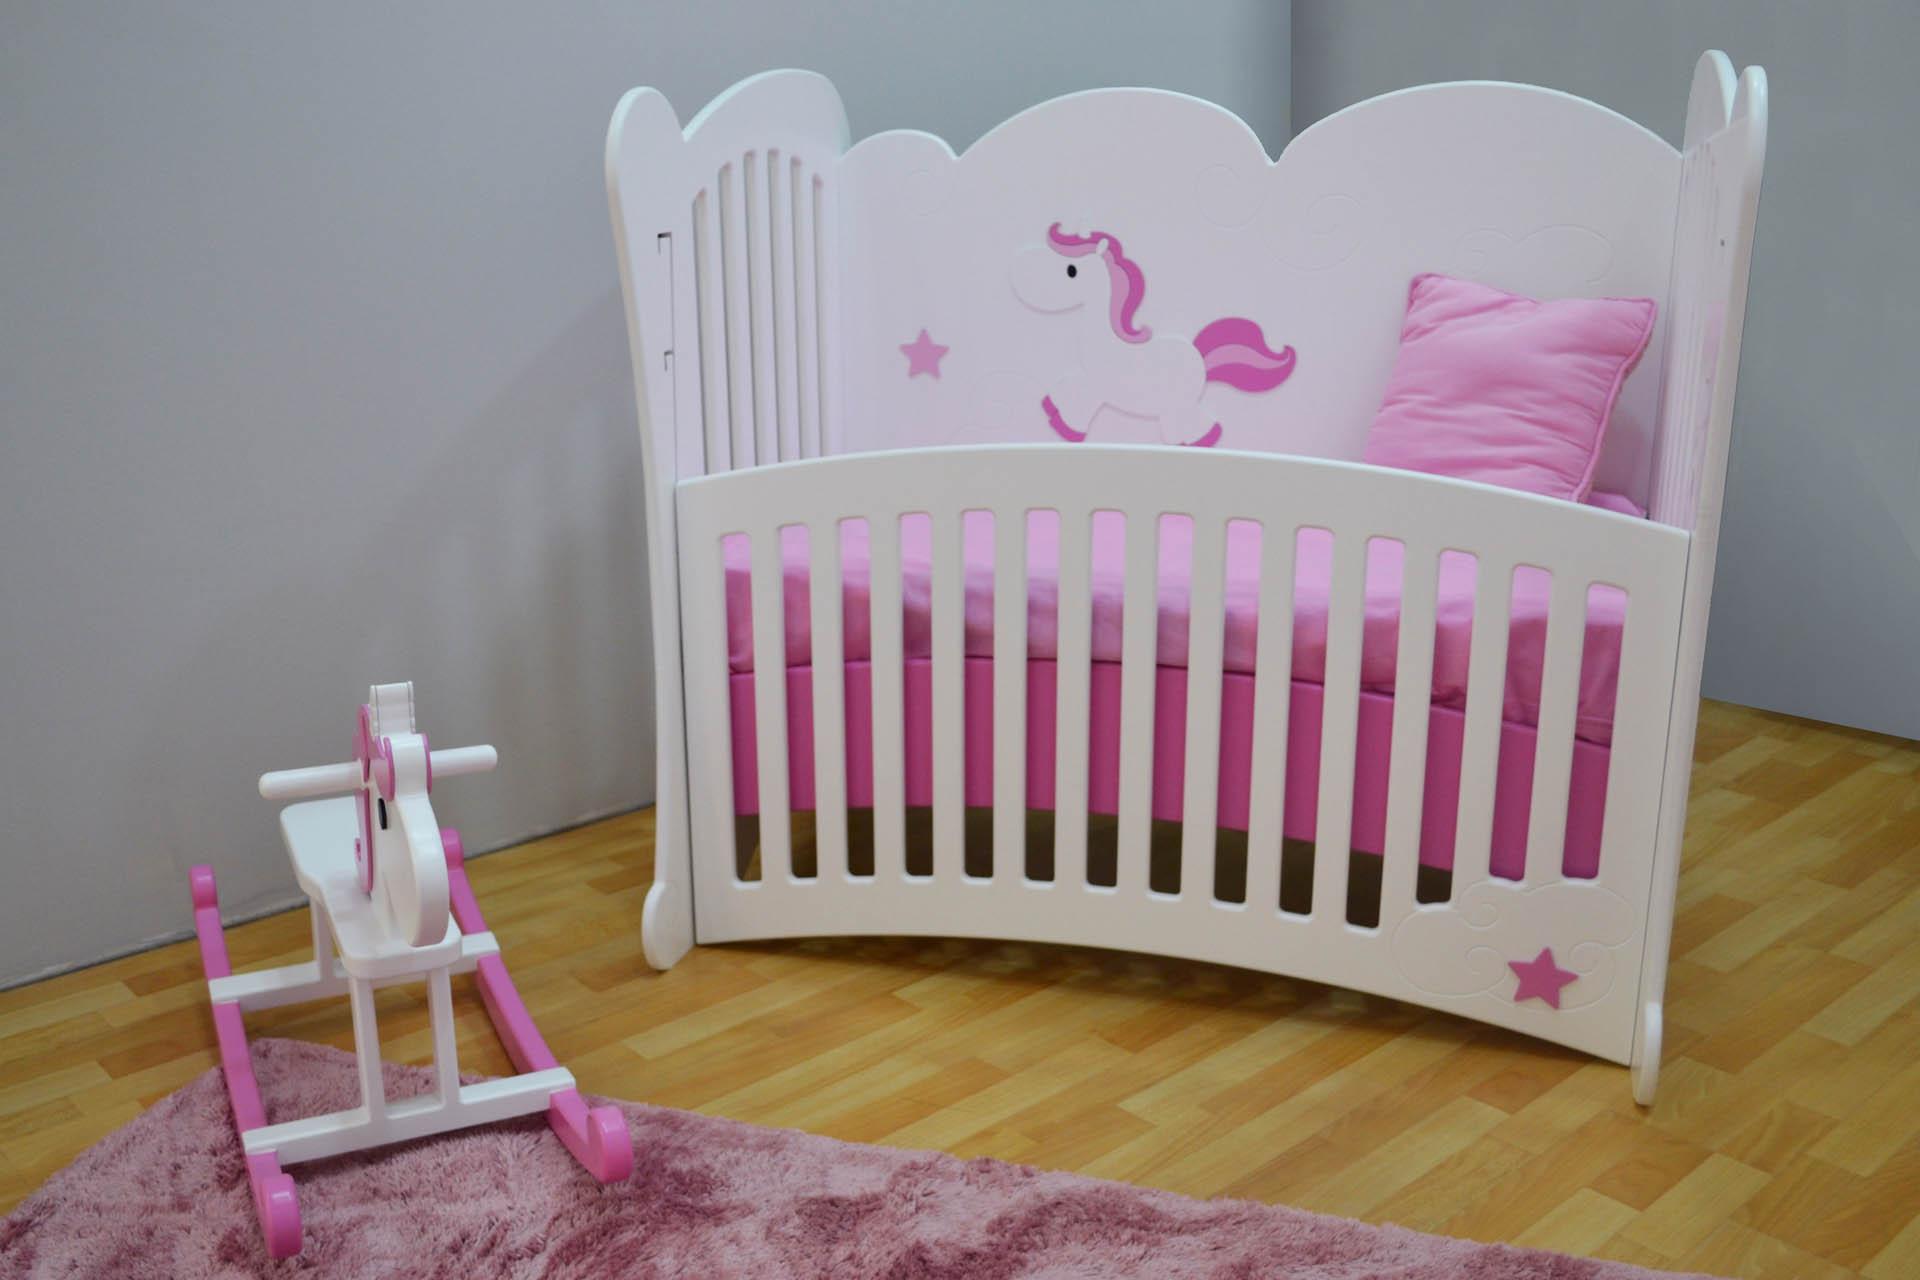 XYLON | Dizajn enterijera i nameštaja | Soba za bebe